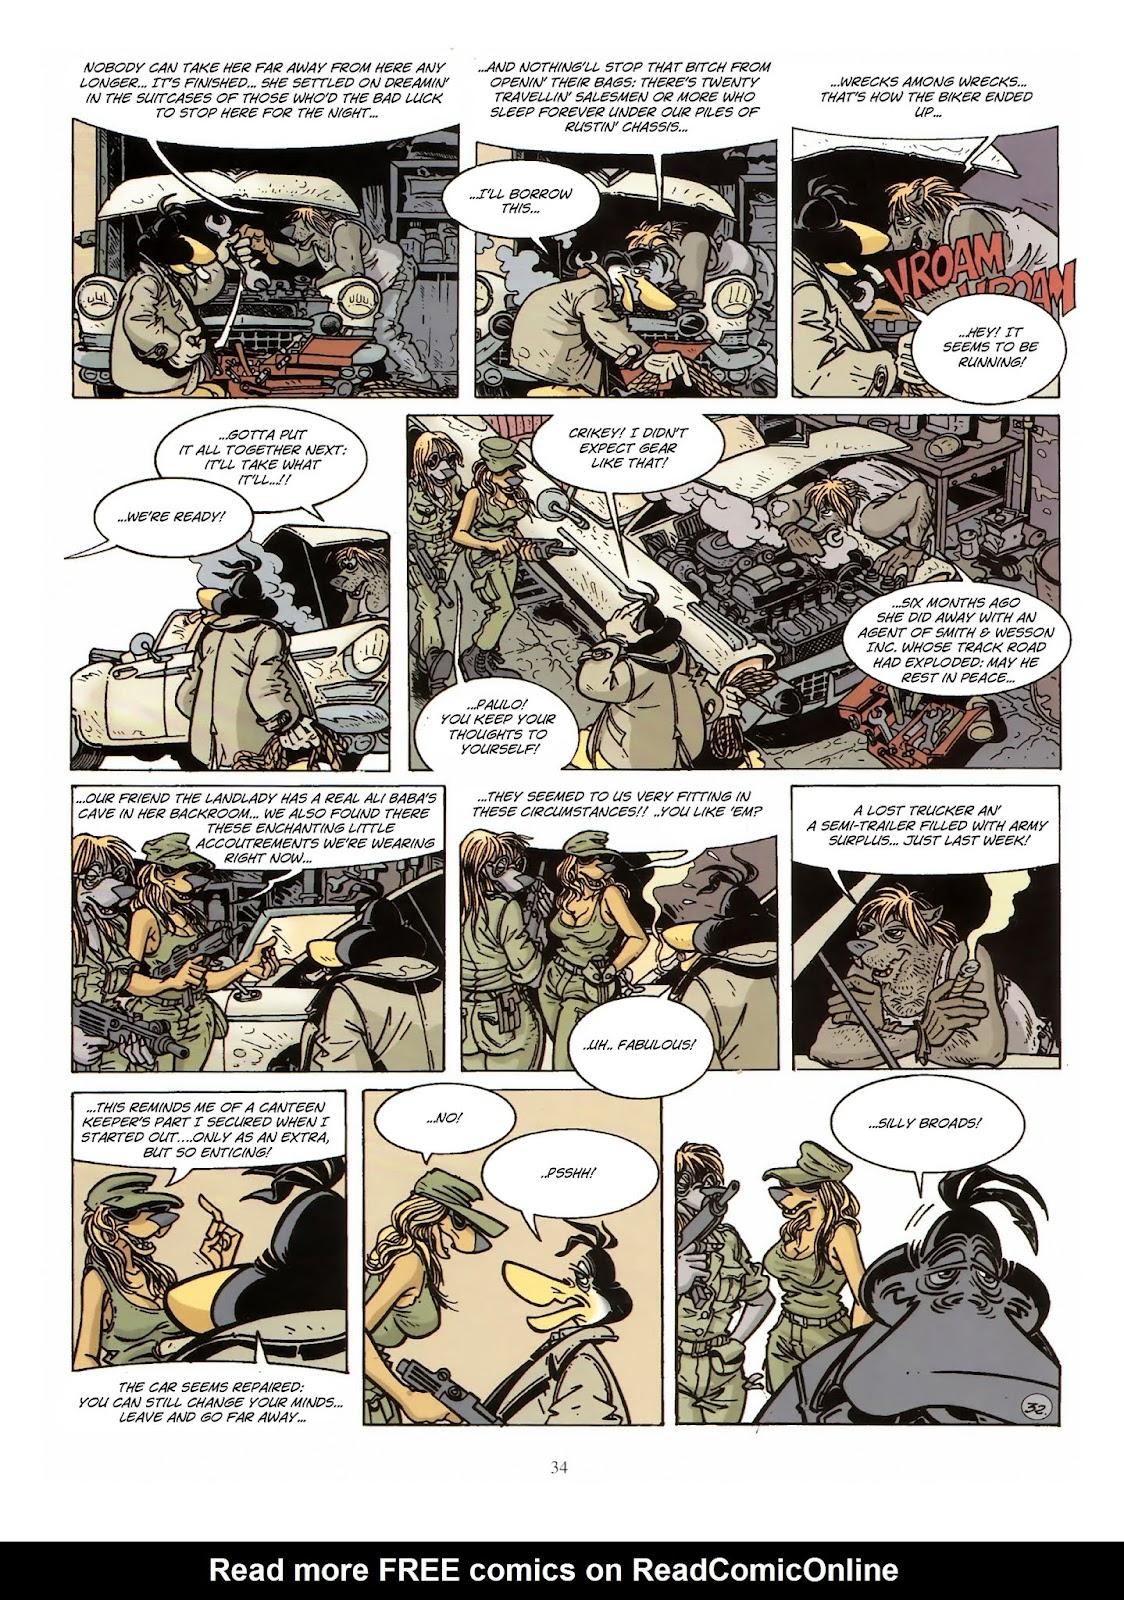 Une enquête de l'inspecteur Canardo issue 10 - Page 35